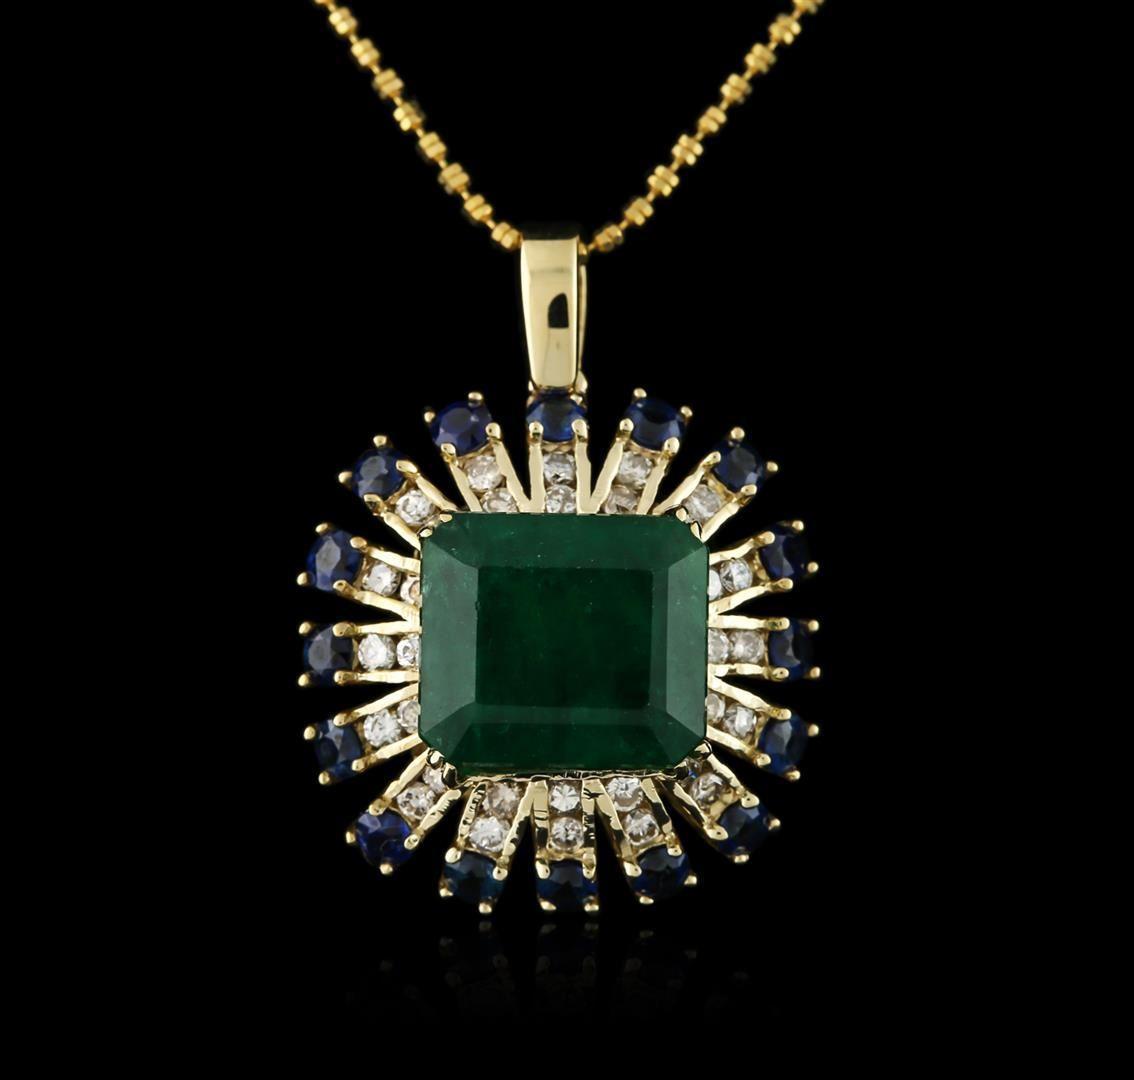 Anhänger aus Roségold mit Smaragd, Saphiren und Diamanten an Kette